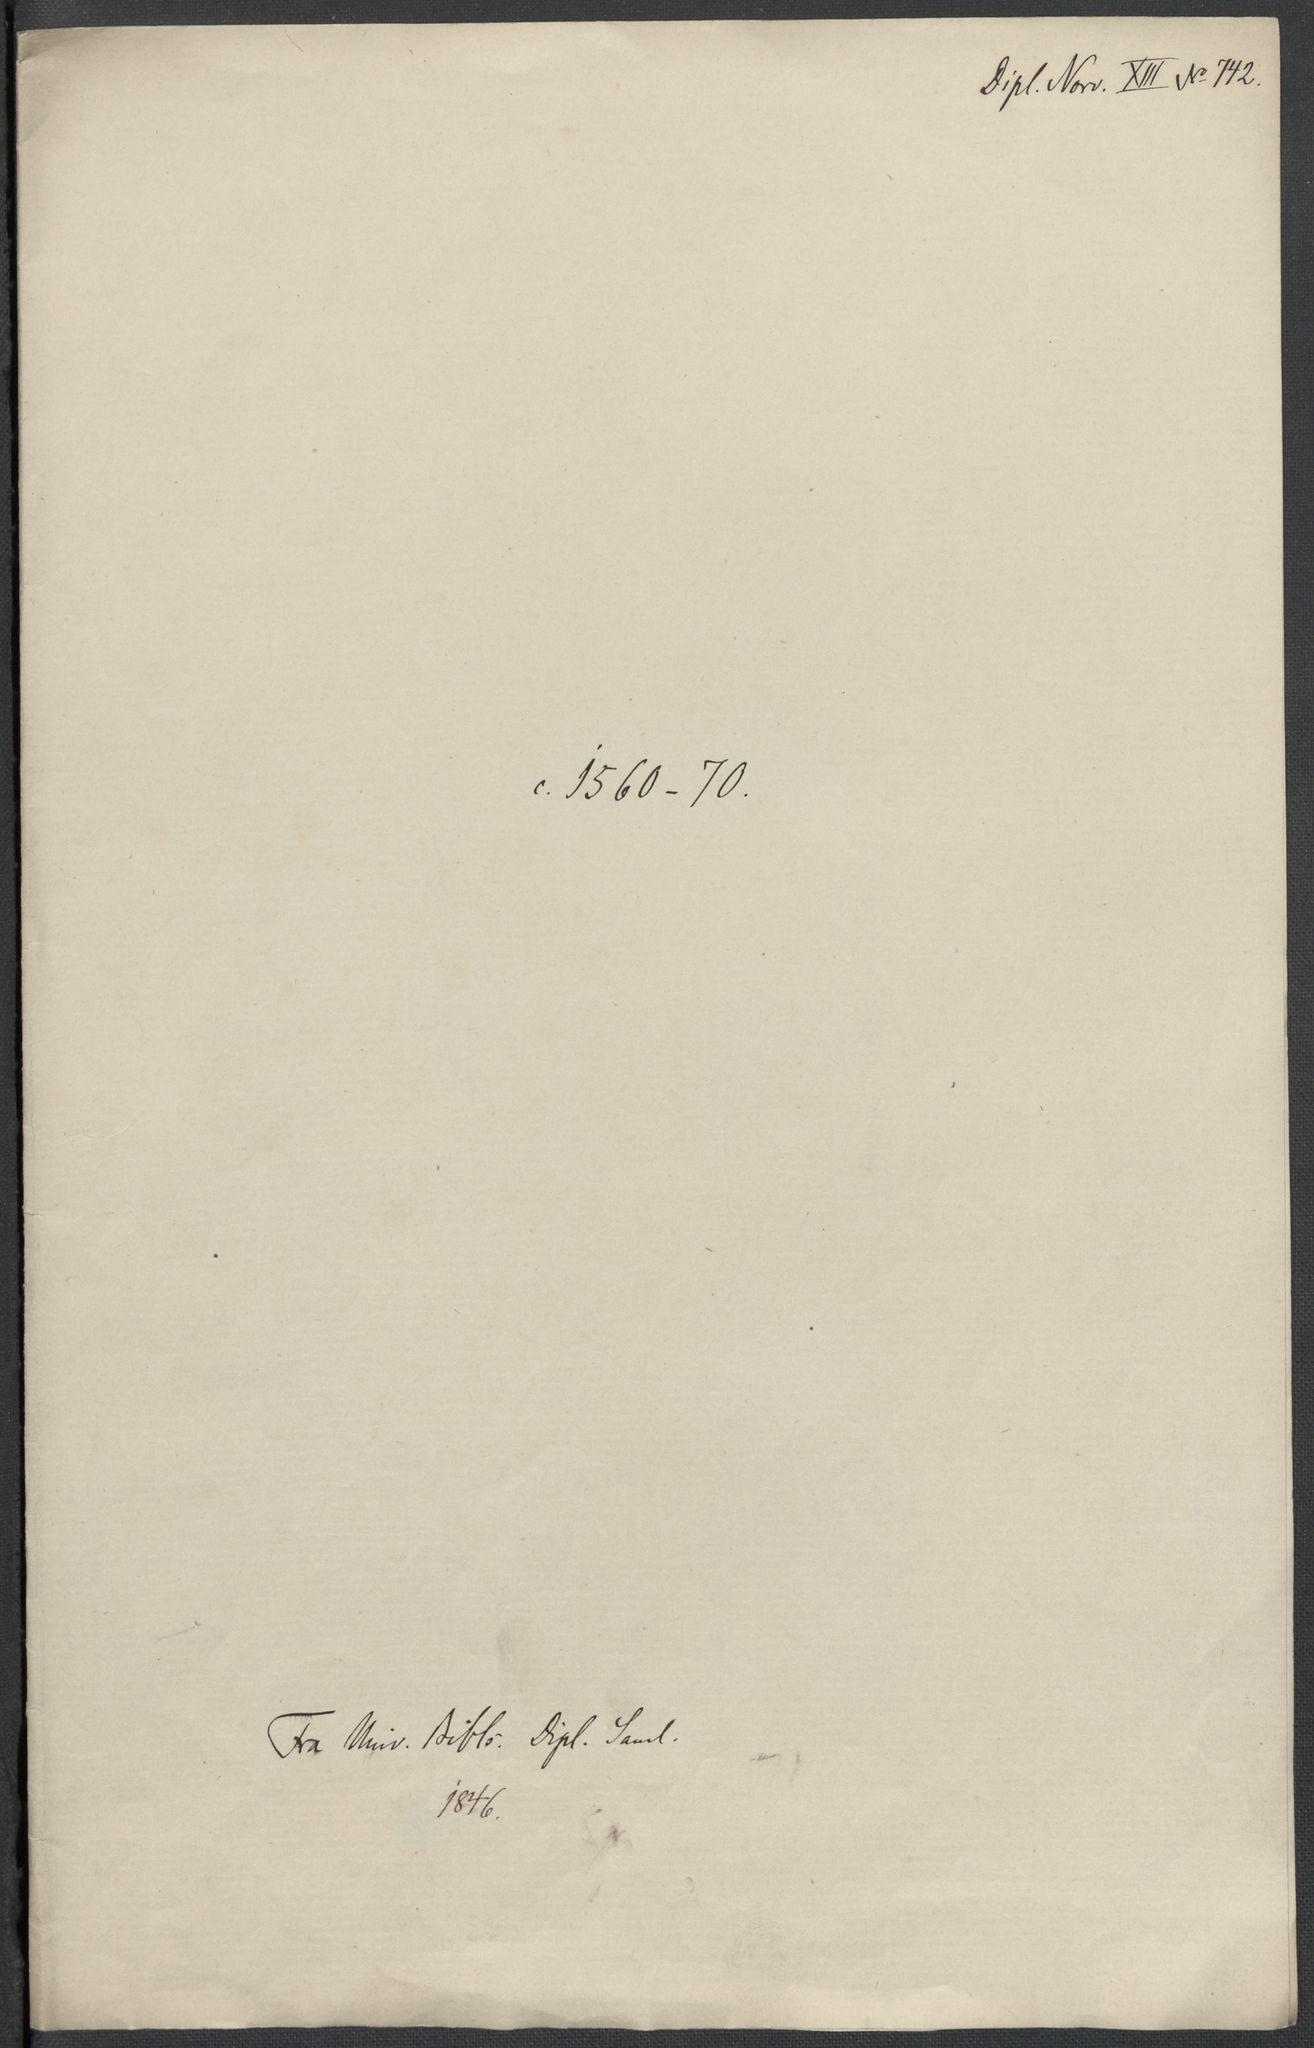 RA, Riksarkivets diplomsamling, F02/L0075: Dokumenter, 1570-1571, s. 47